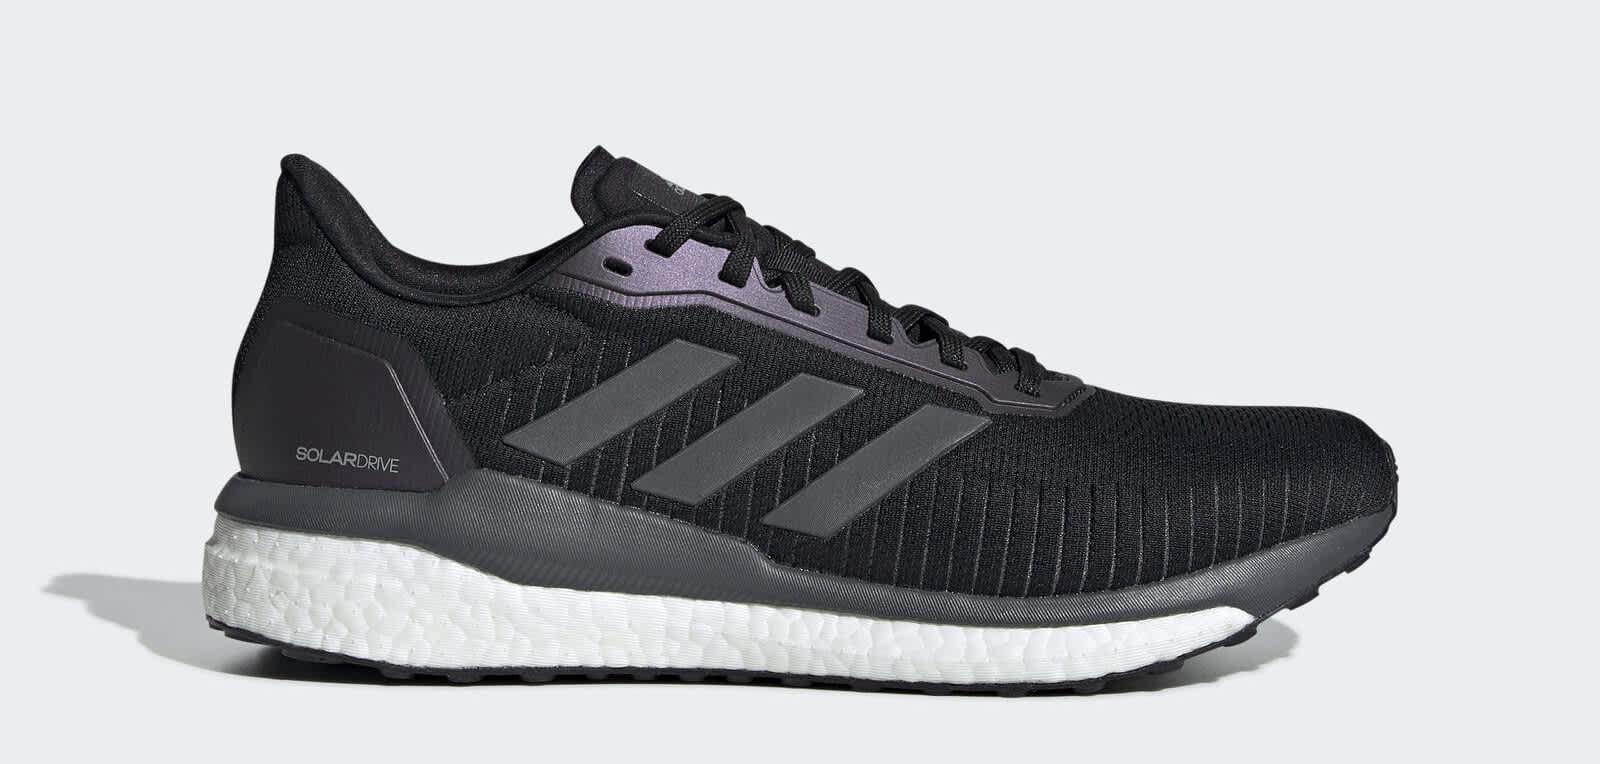 adidas Men's Solar Drive 19 Shoes